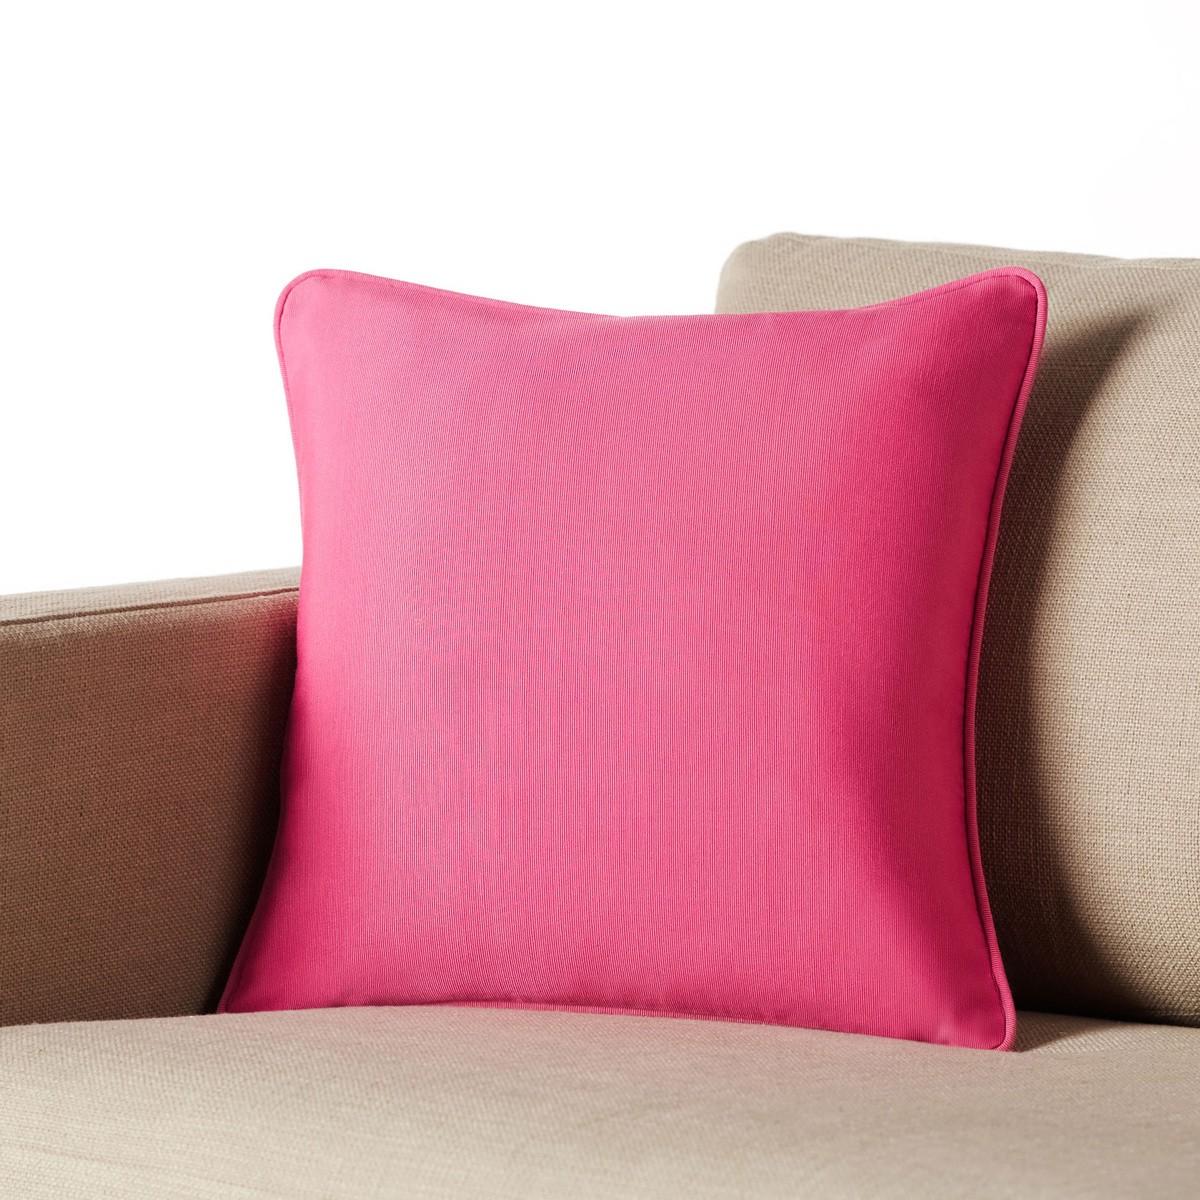 Διακοσμητική Μαξιλαροθήκη Gofis Home Solid Pink 911/17